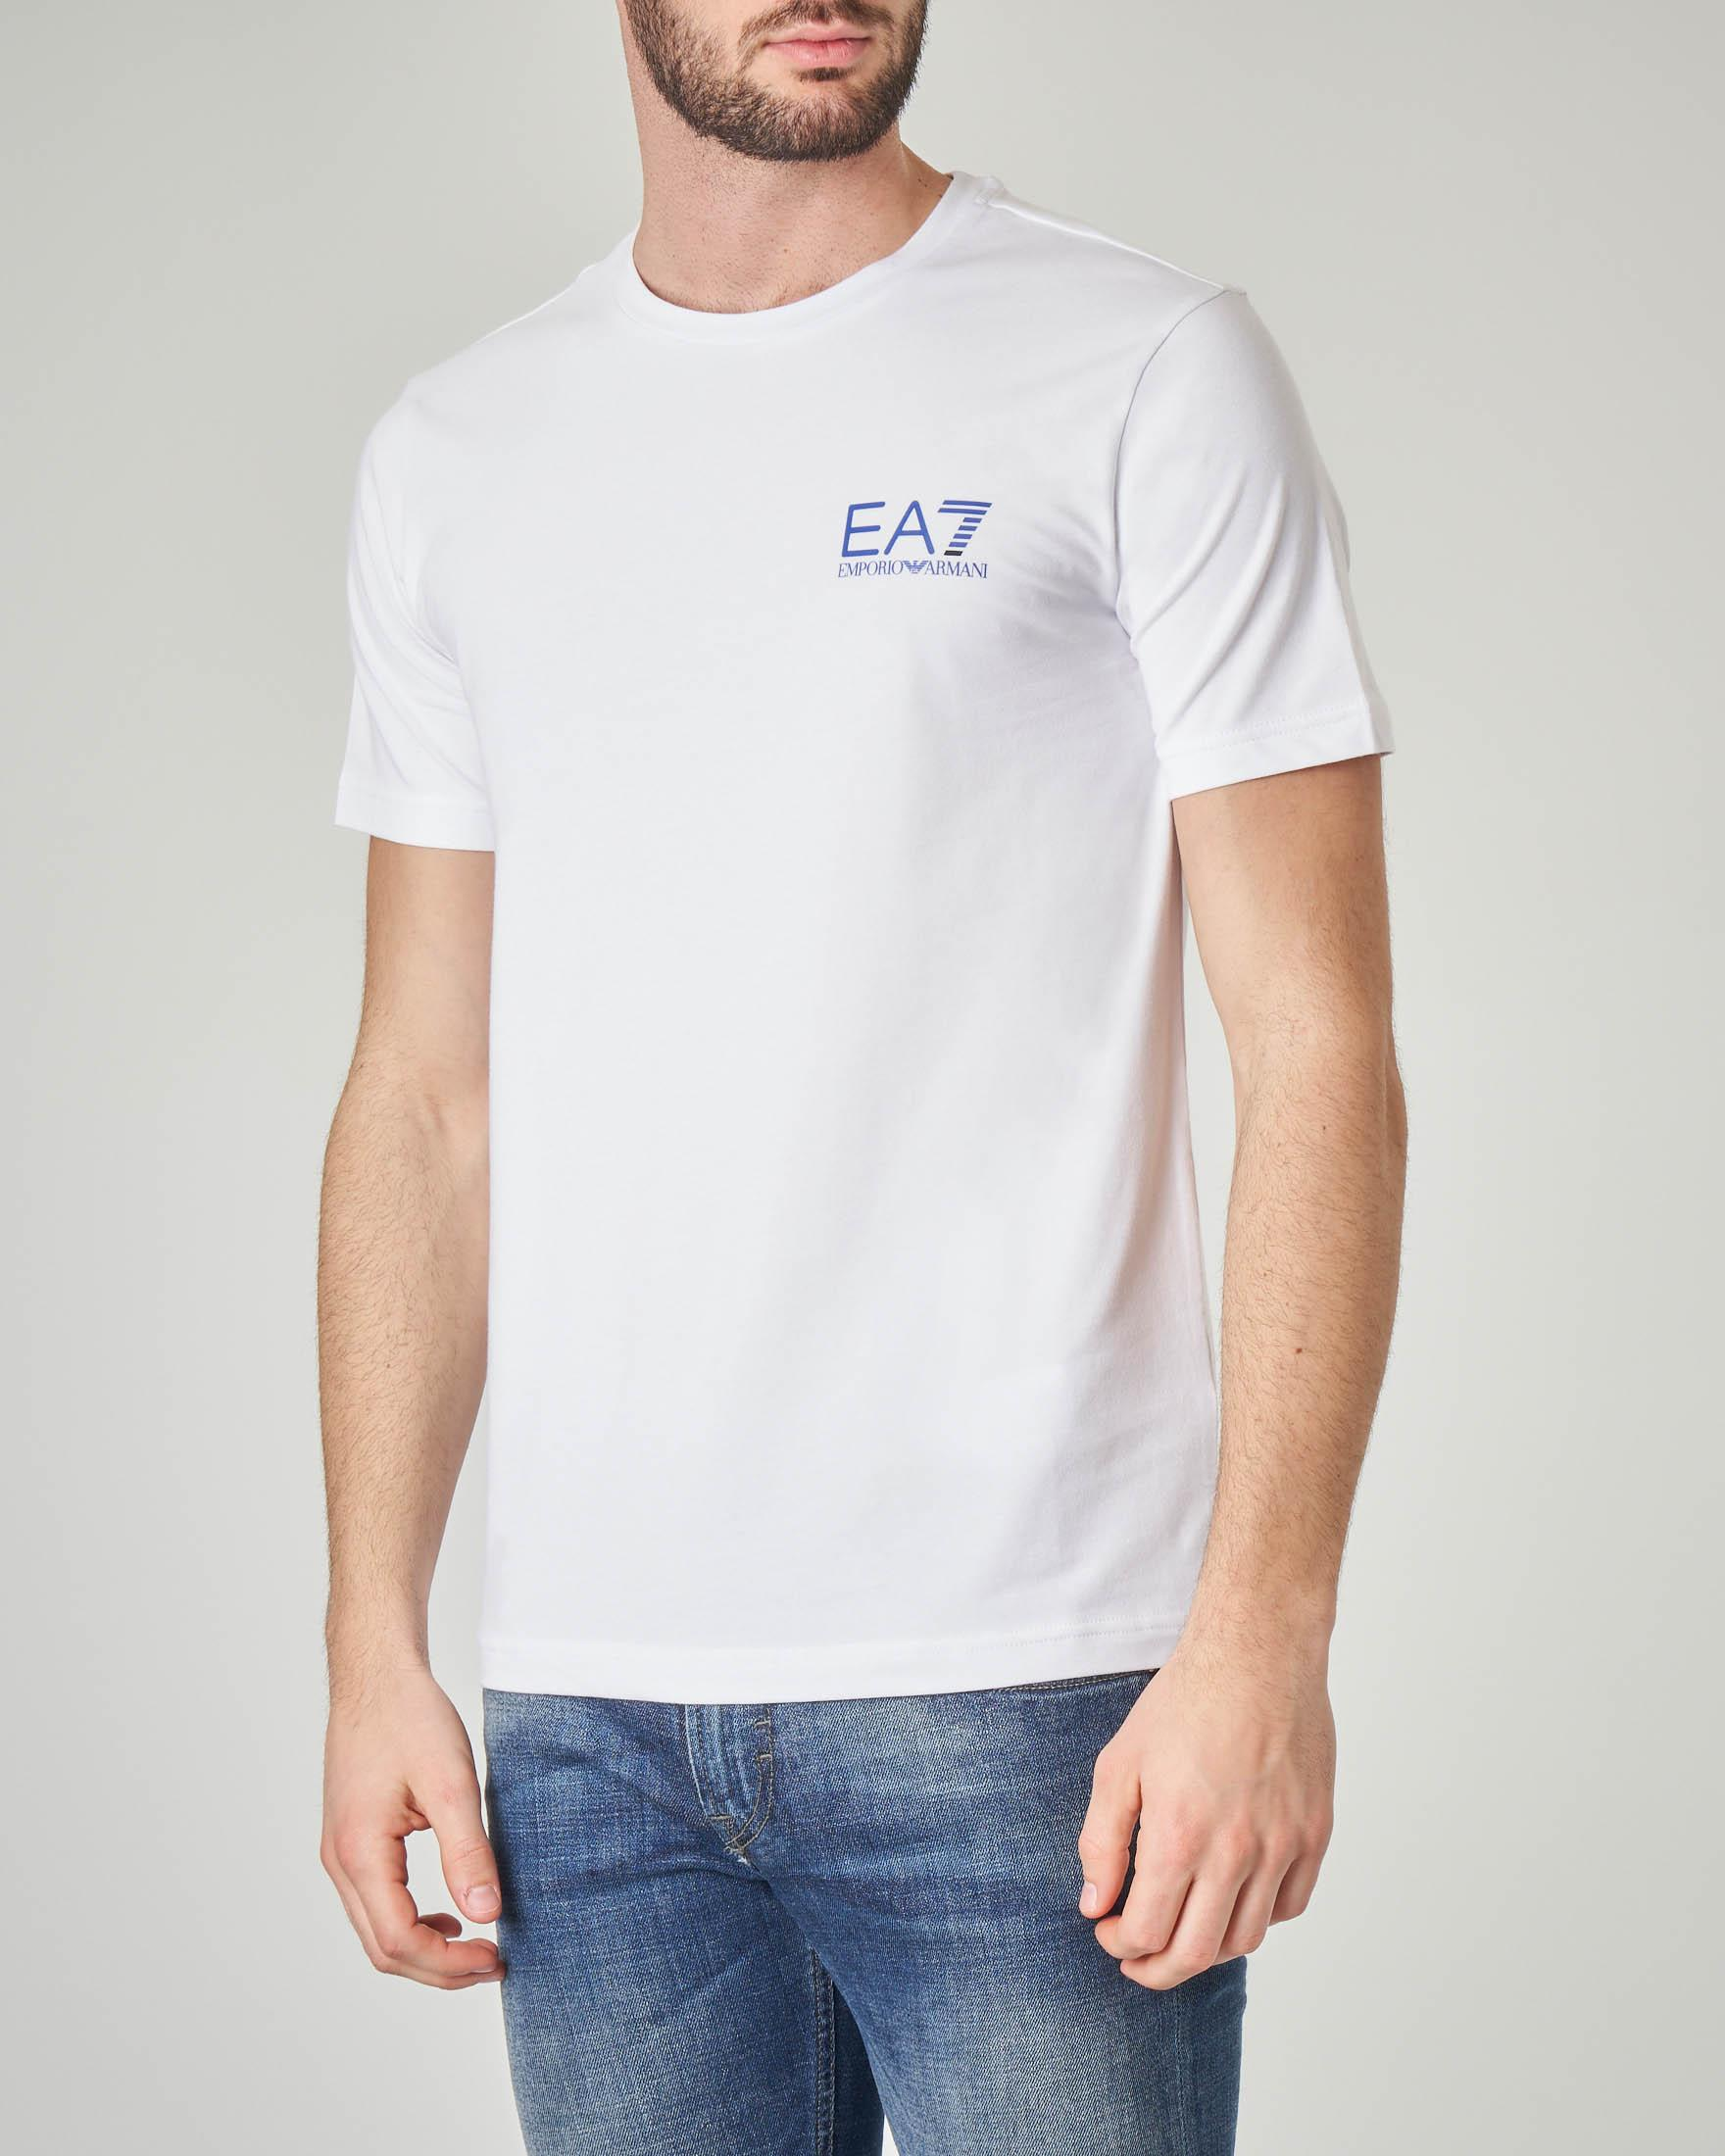 T-shirt bianca stretch con logo piccolo sul petto e logo verticale sul retro